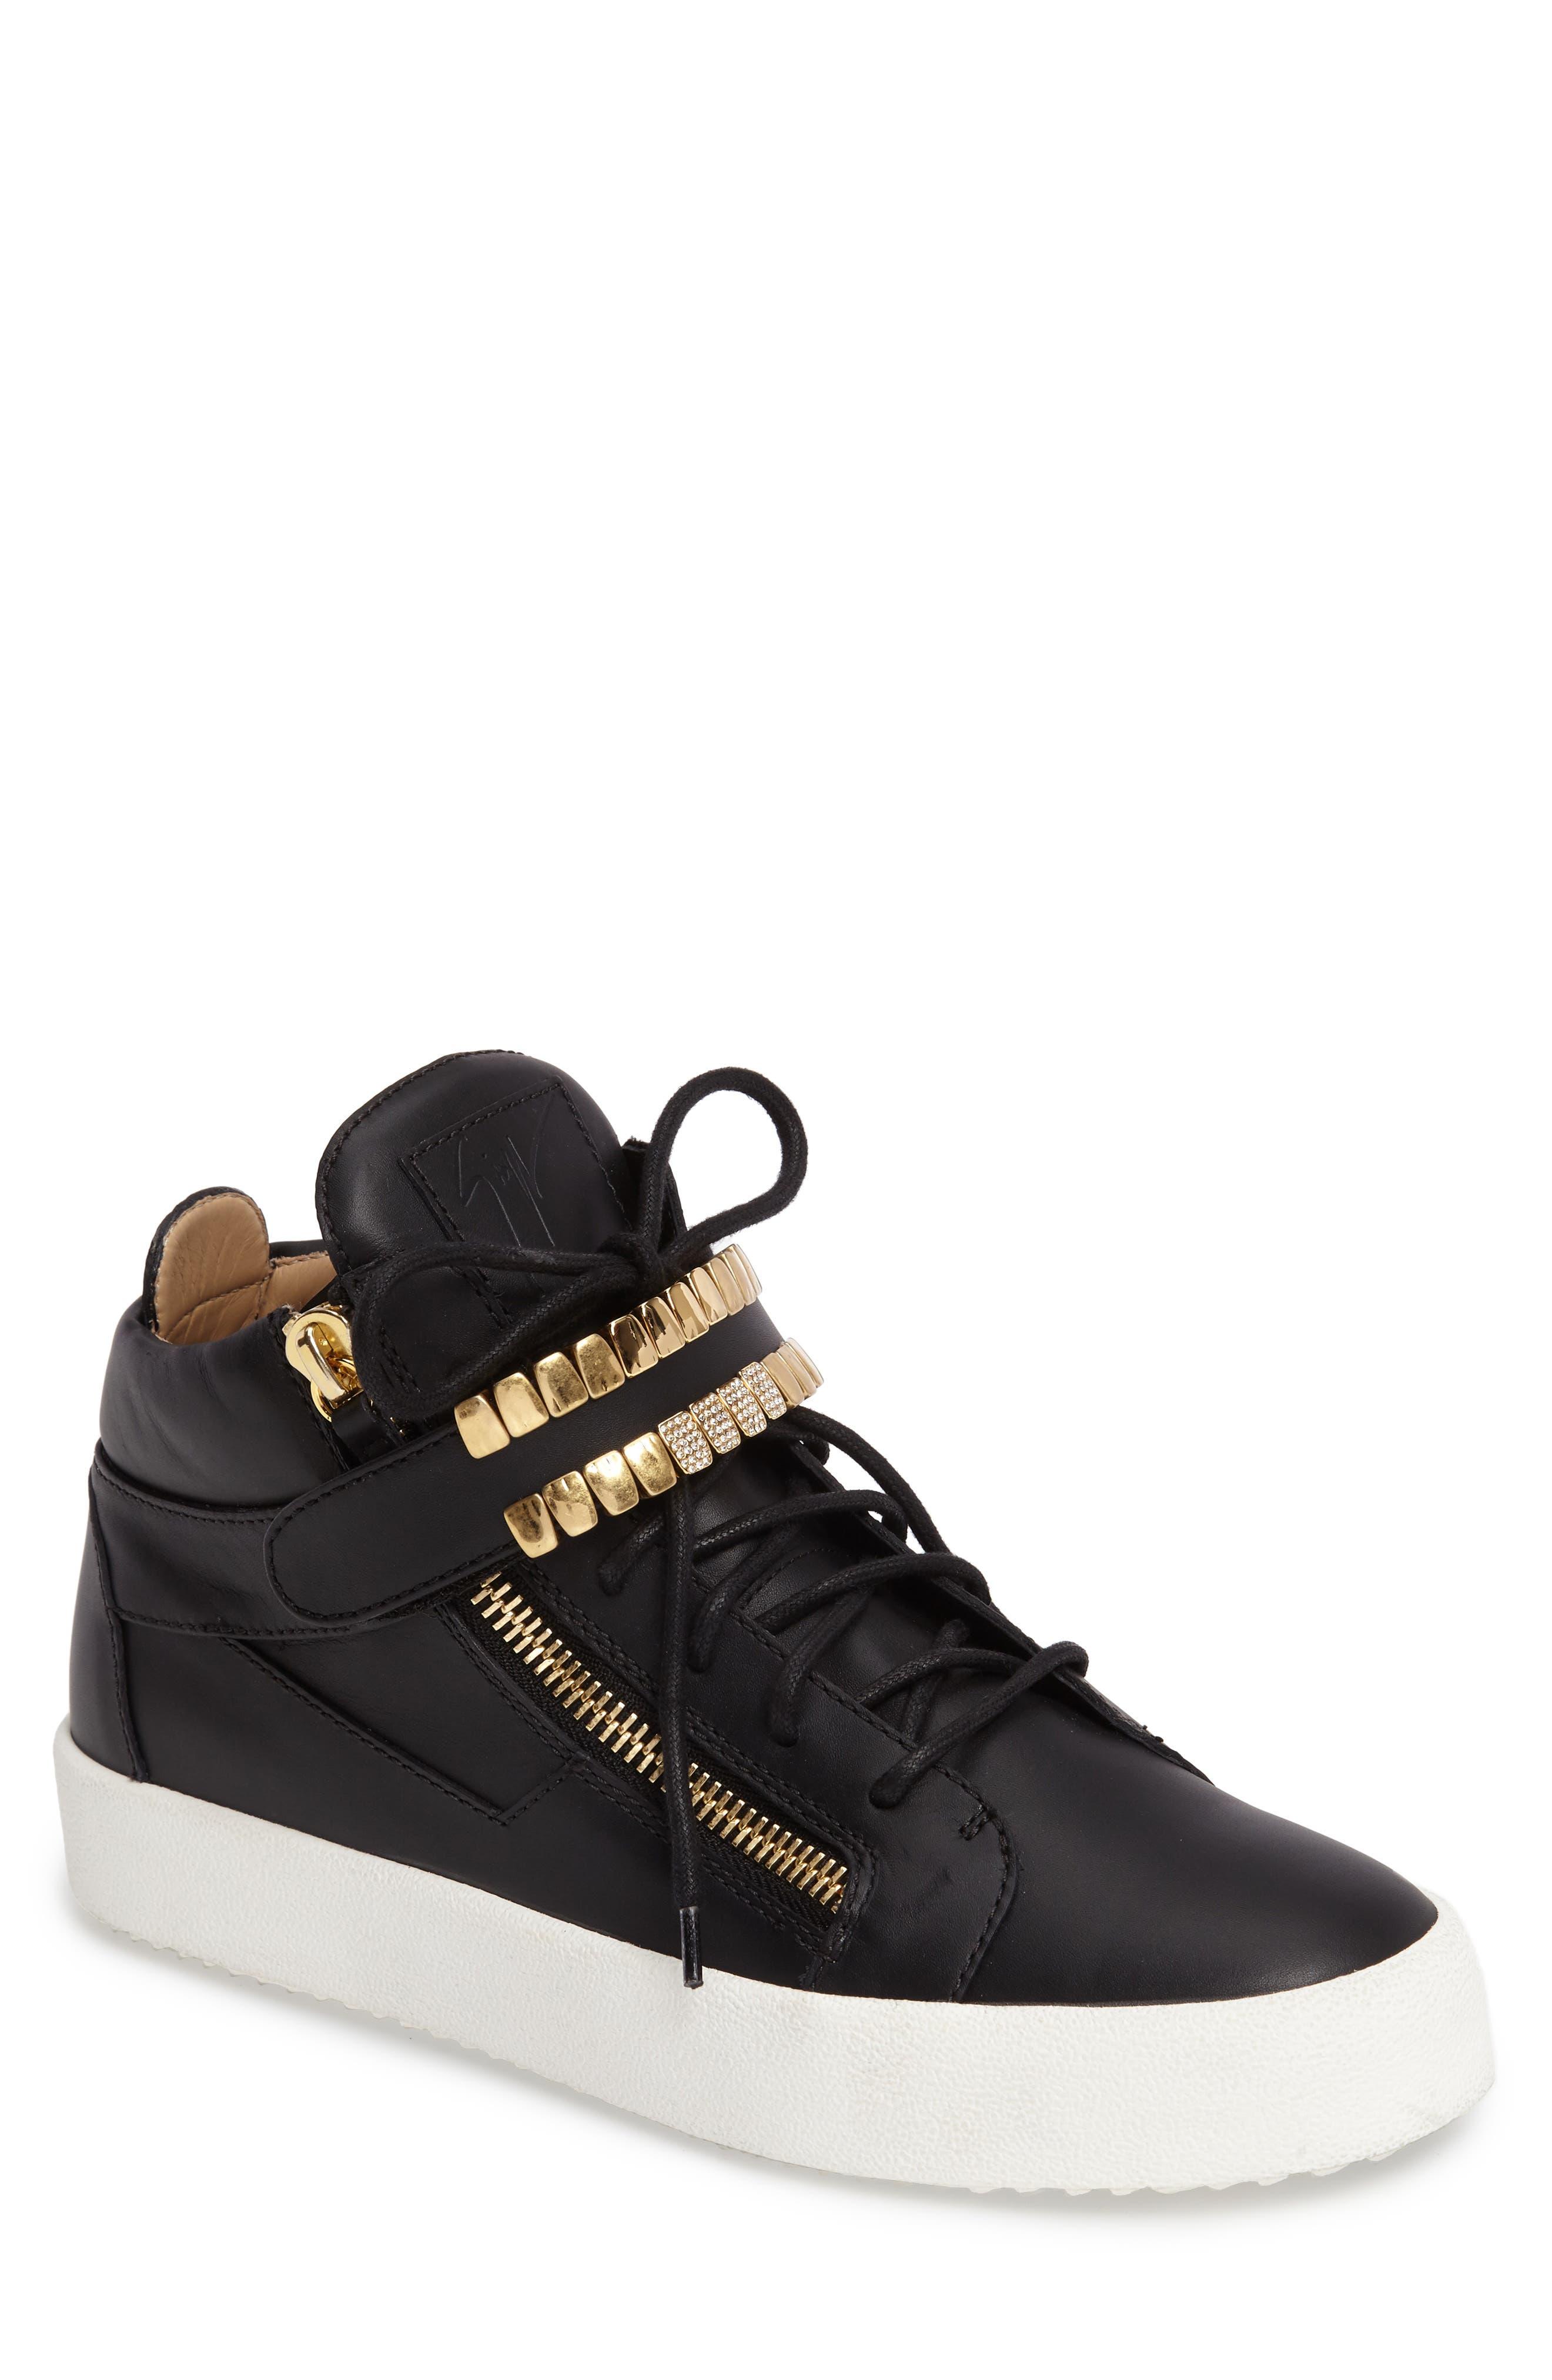 Alternate Image 1 Selected - Giuseppe Zanotti Mid Top Sneaker (Men)